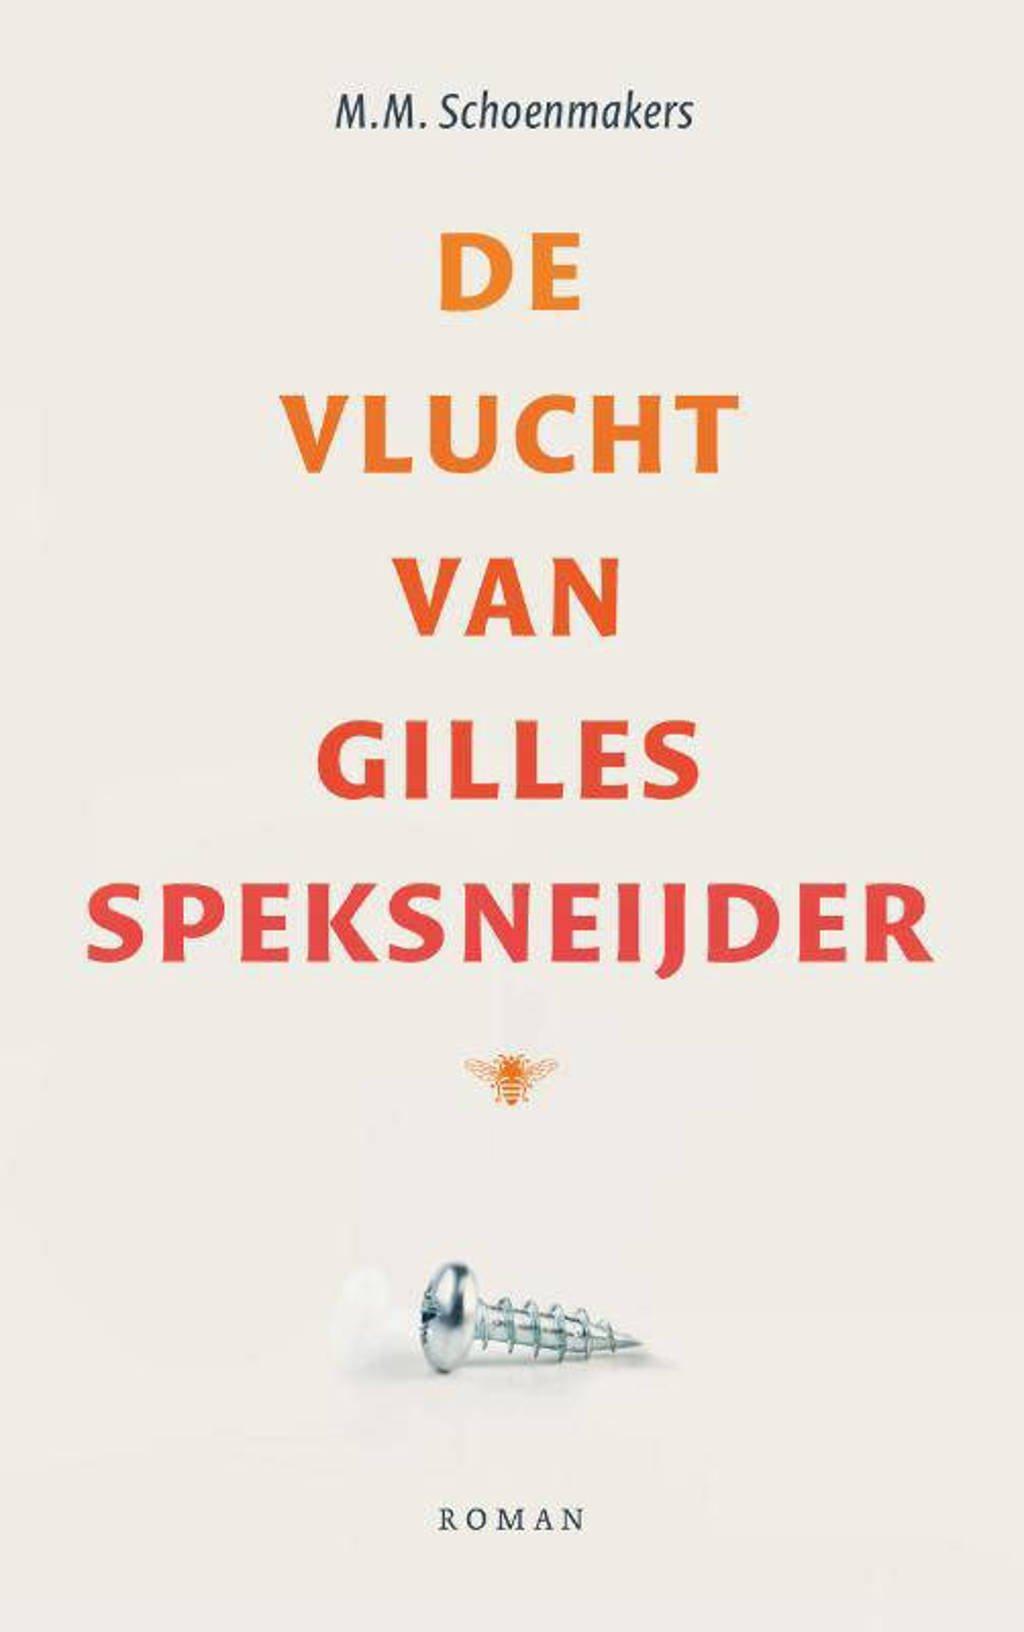 De vlucht van Gilles Speksneijder - M.M. Schoenmakers